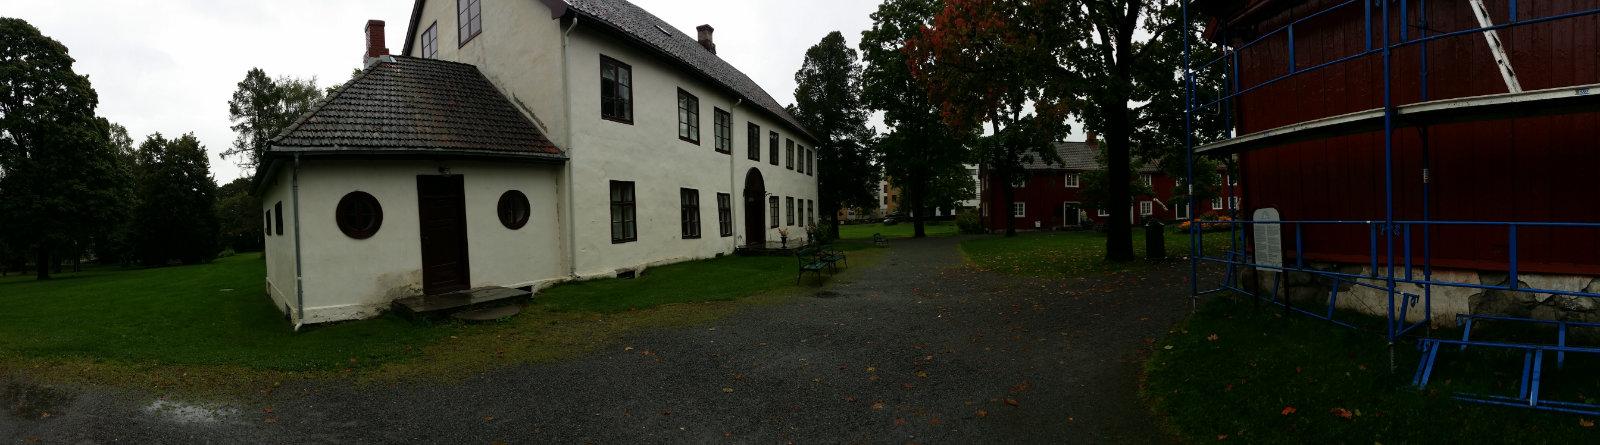 Norwegia (85)